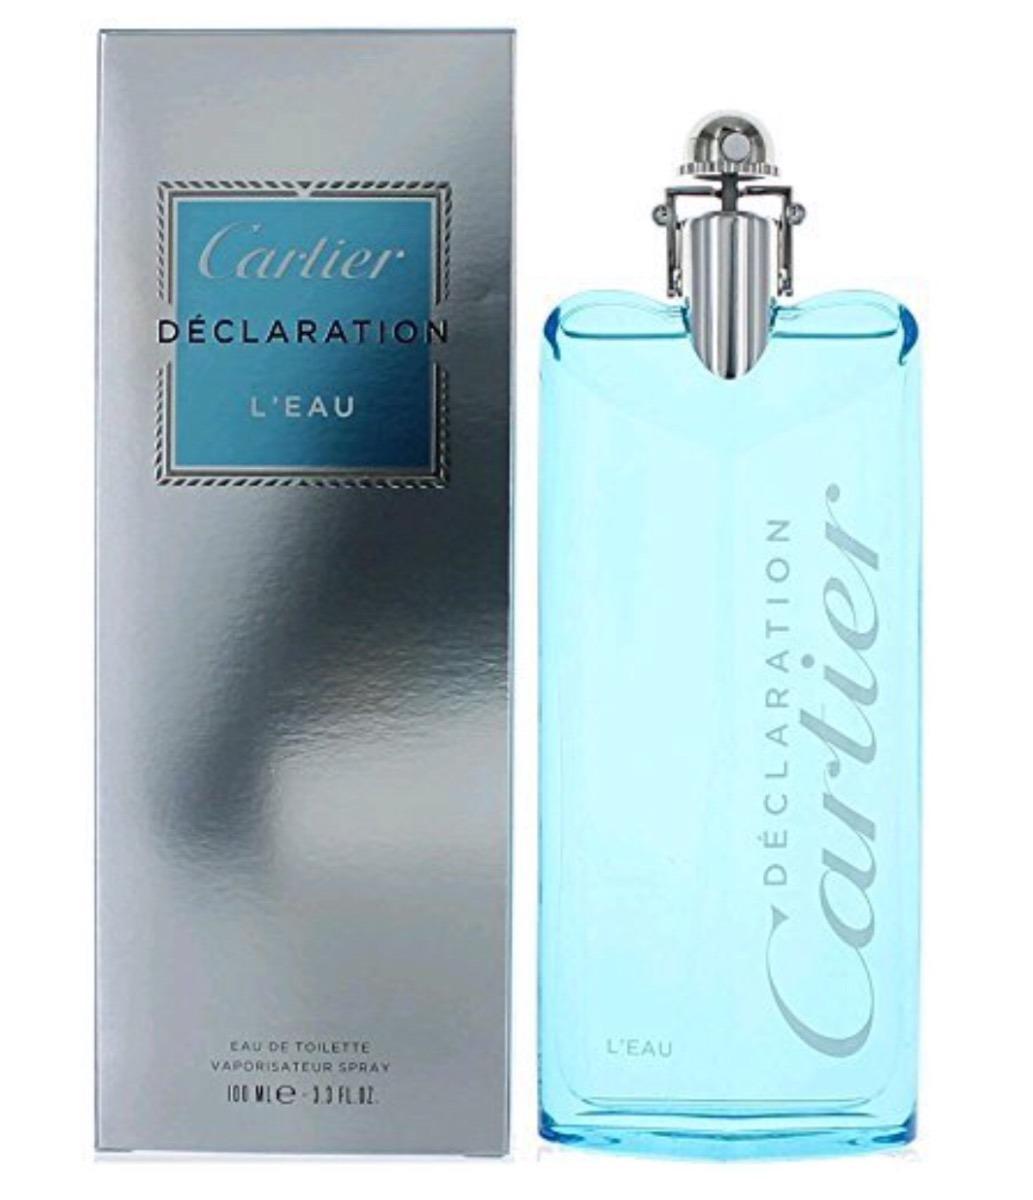 df7492d90a8 perfume déclaration l eau cartier edt 100ml masculino lacrad. Carregando  zoom.